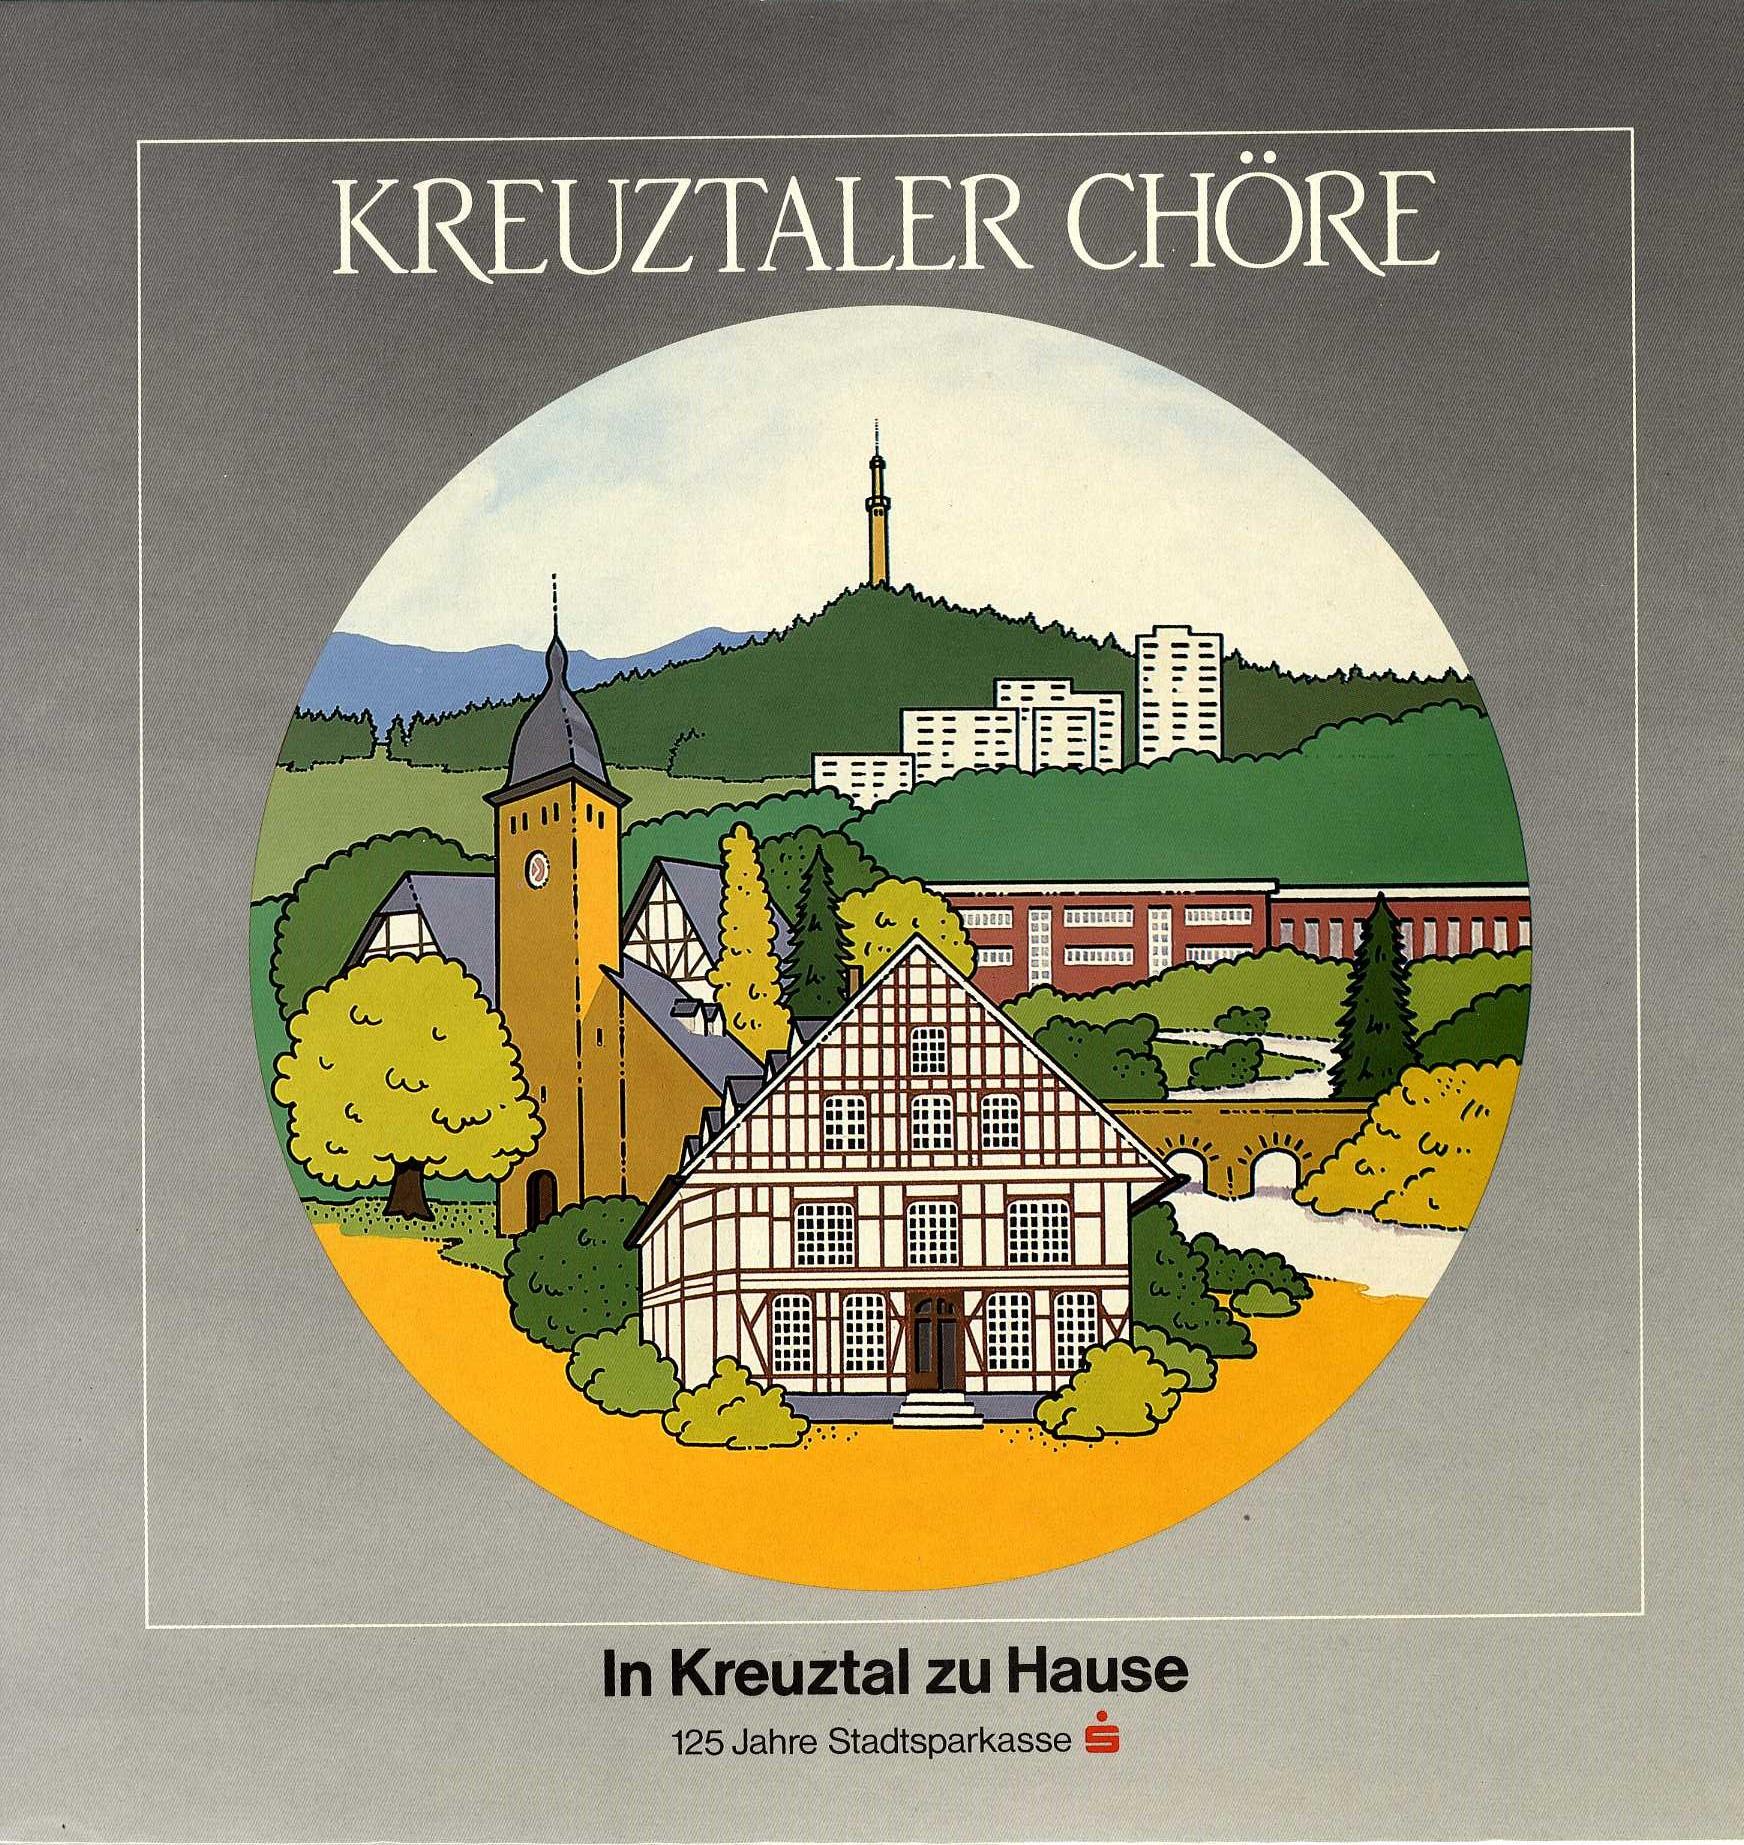 Kreuztaler-Chöre-Vorderseite